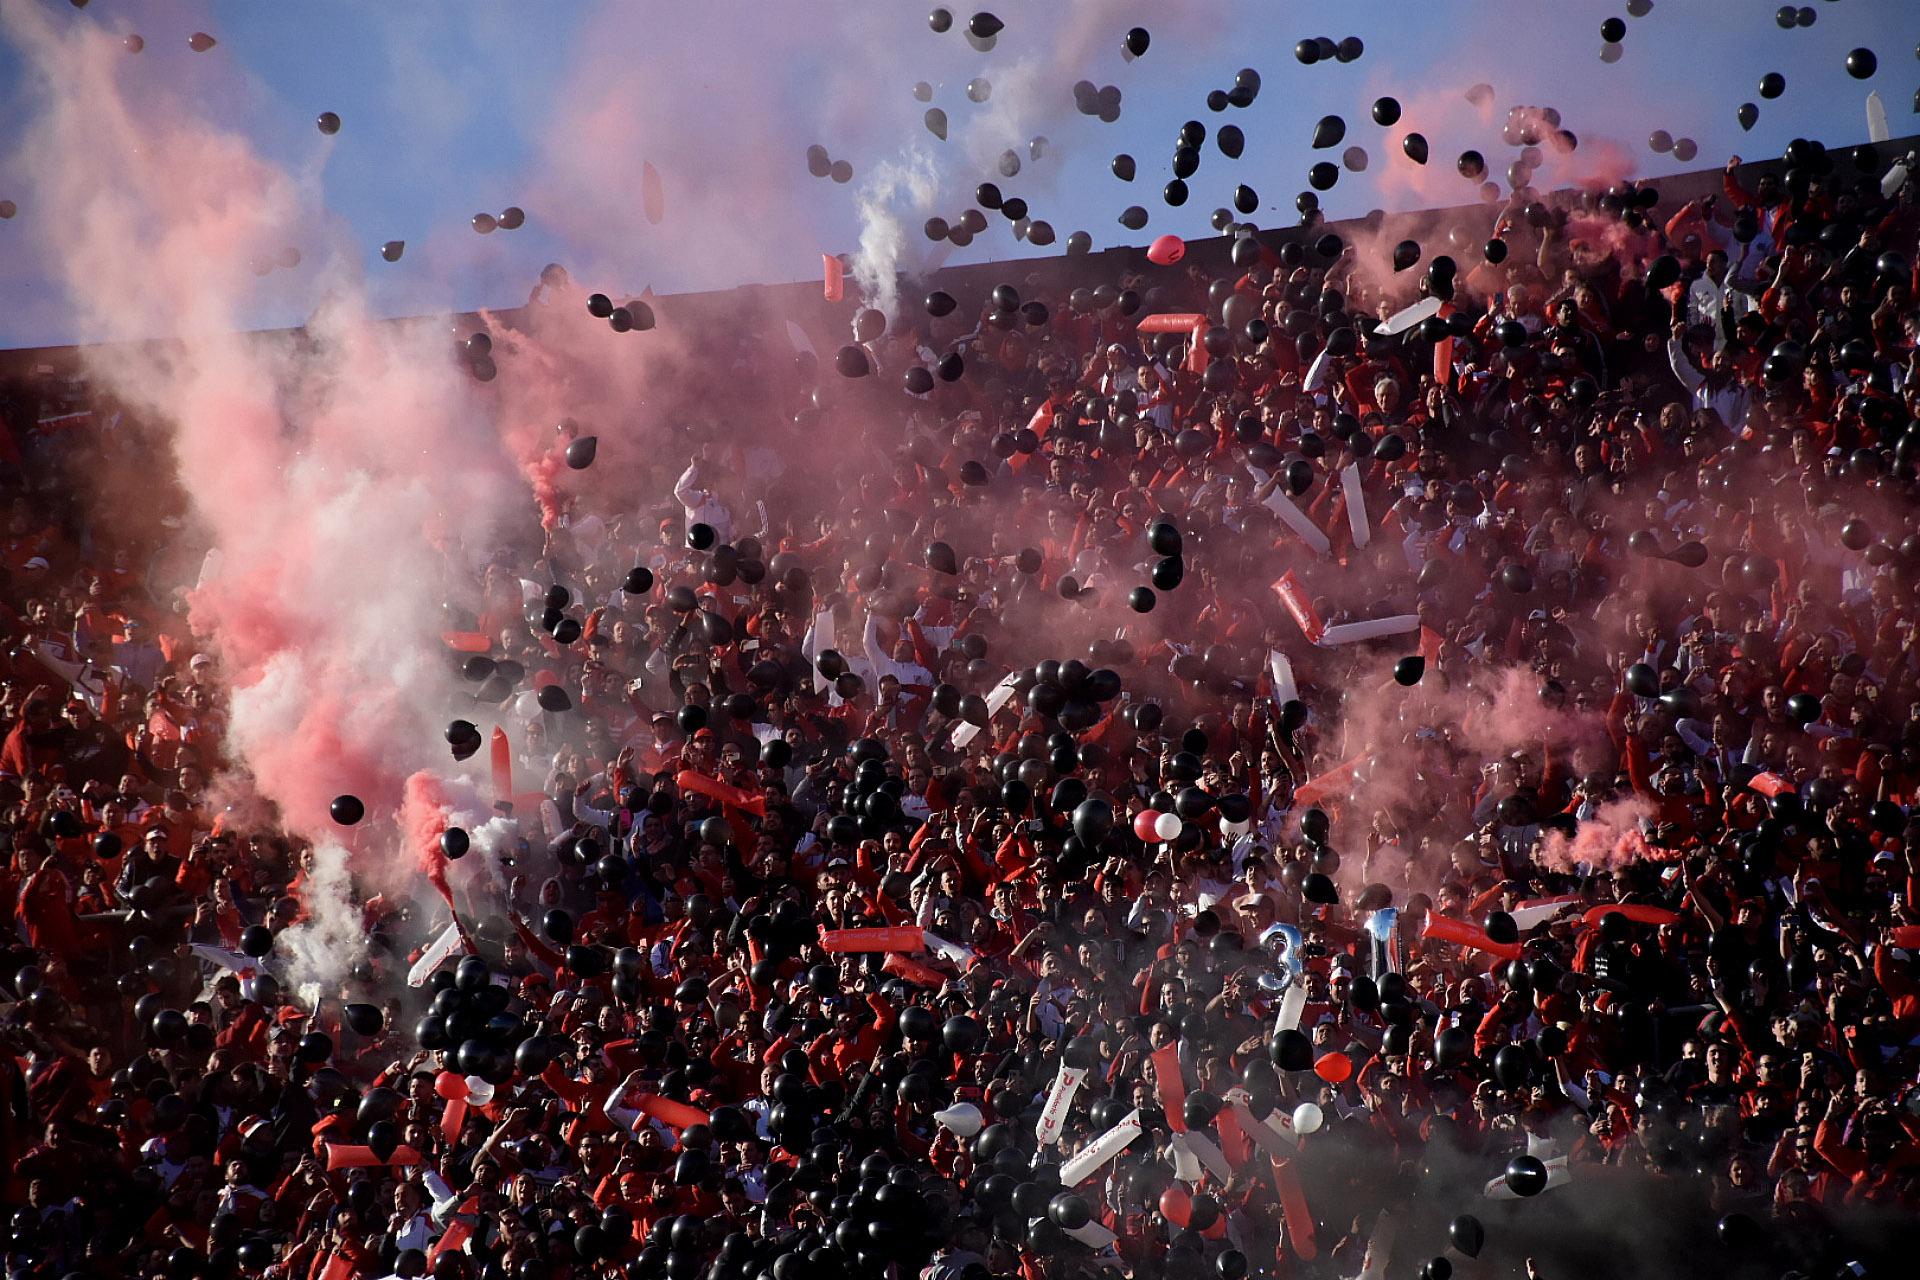 Bengalas, globos y cánticos inundaron la escena al momento de la salida del equipo local